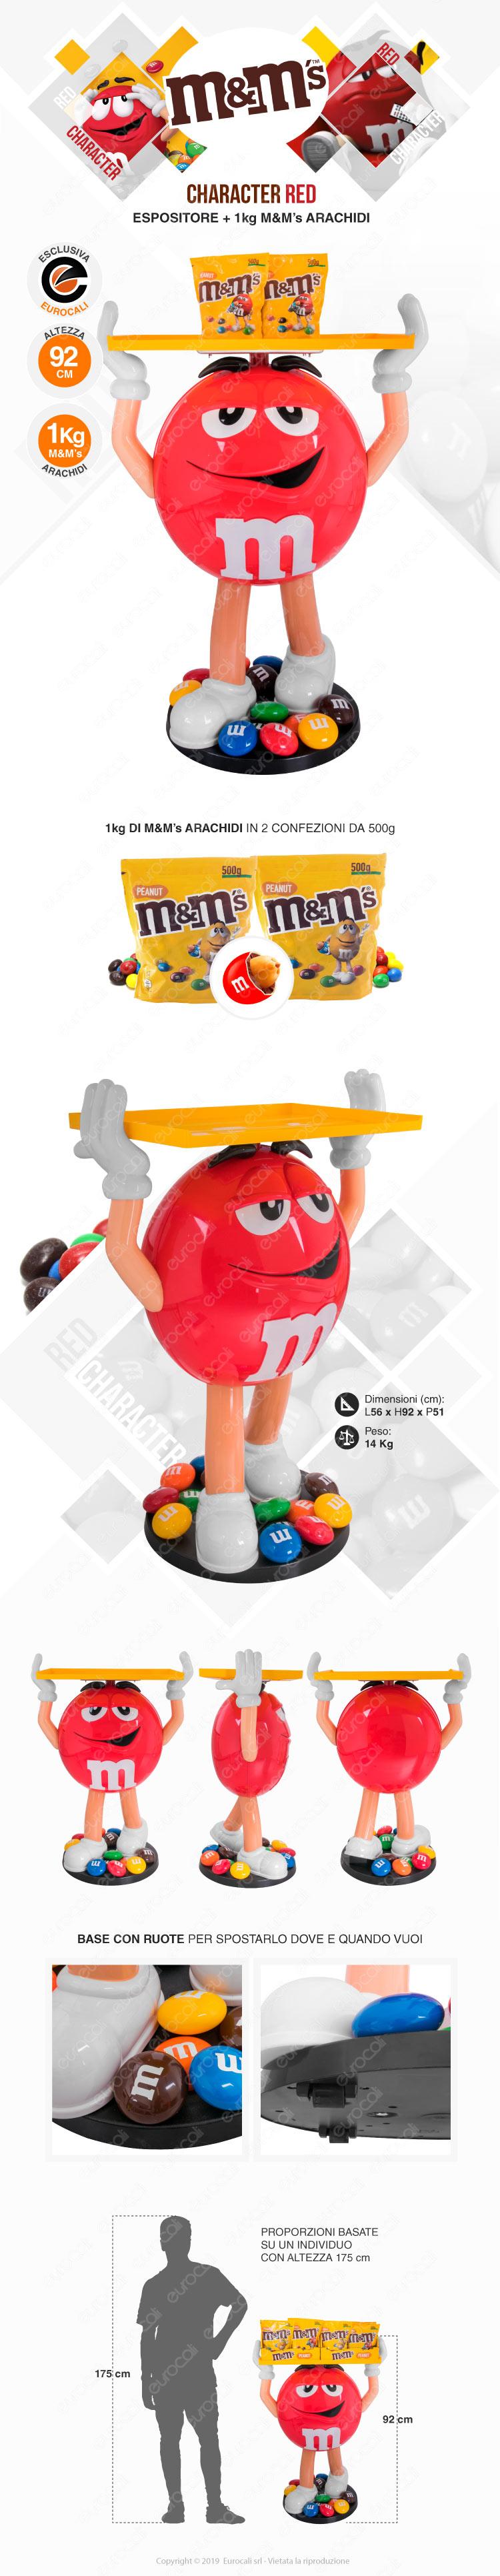 M&M's character red espositore da 92 con M&M's da 1 kg di arachidi